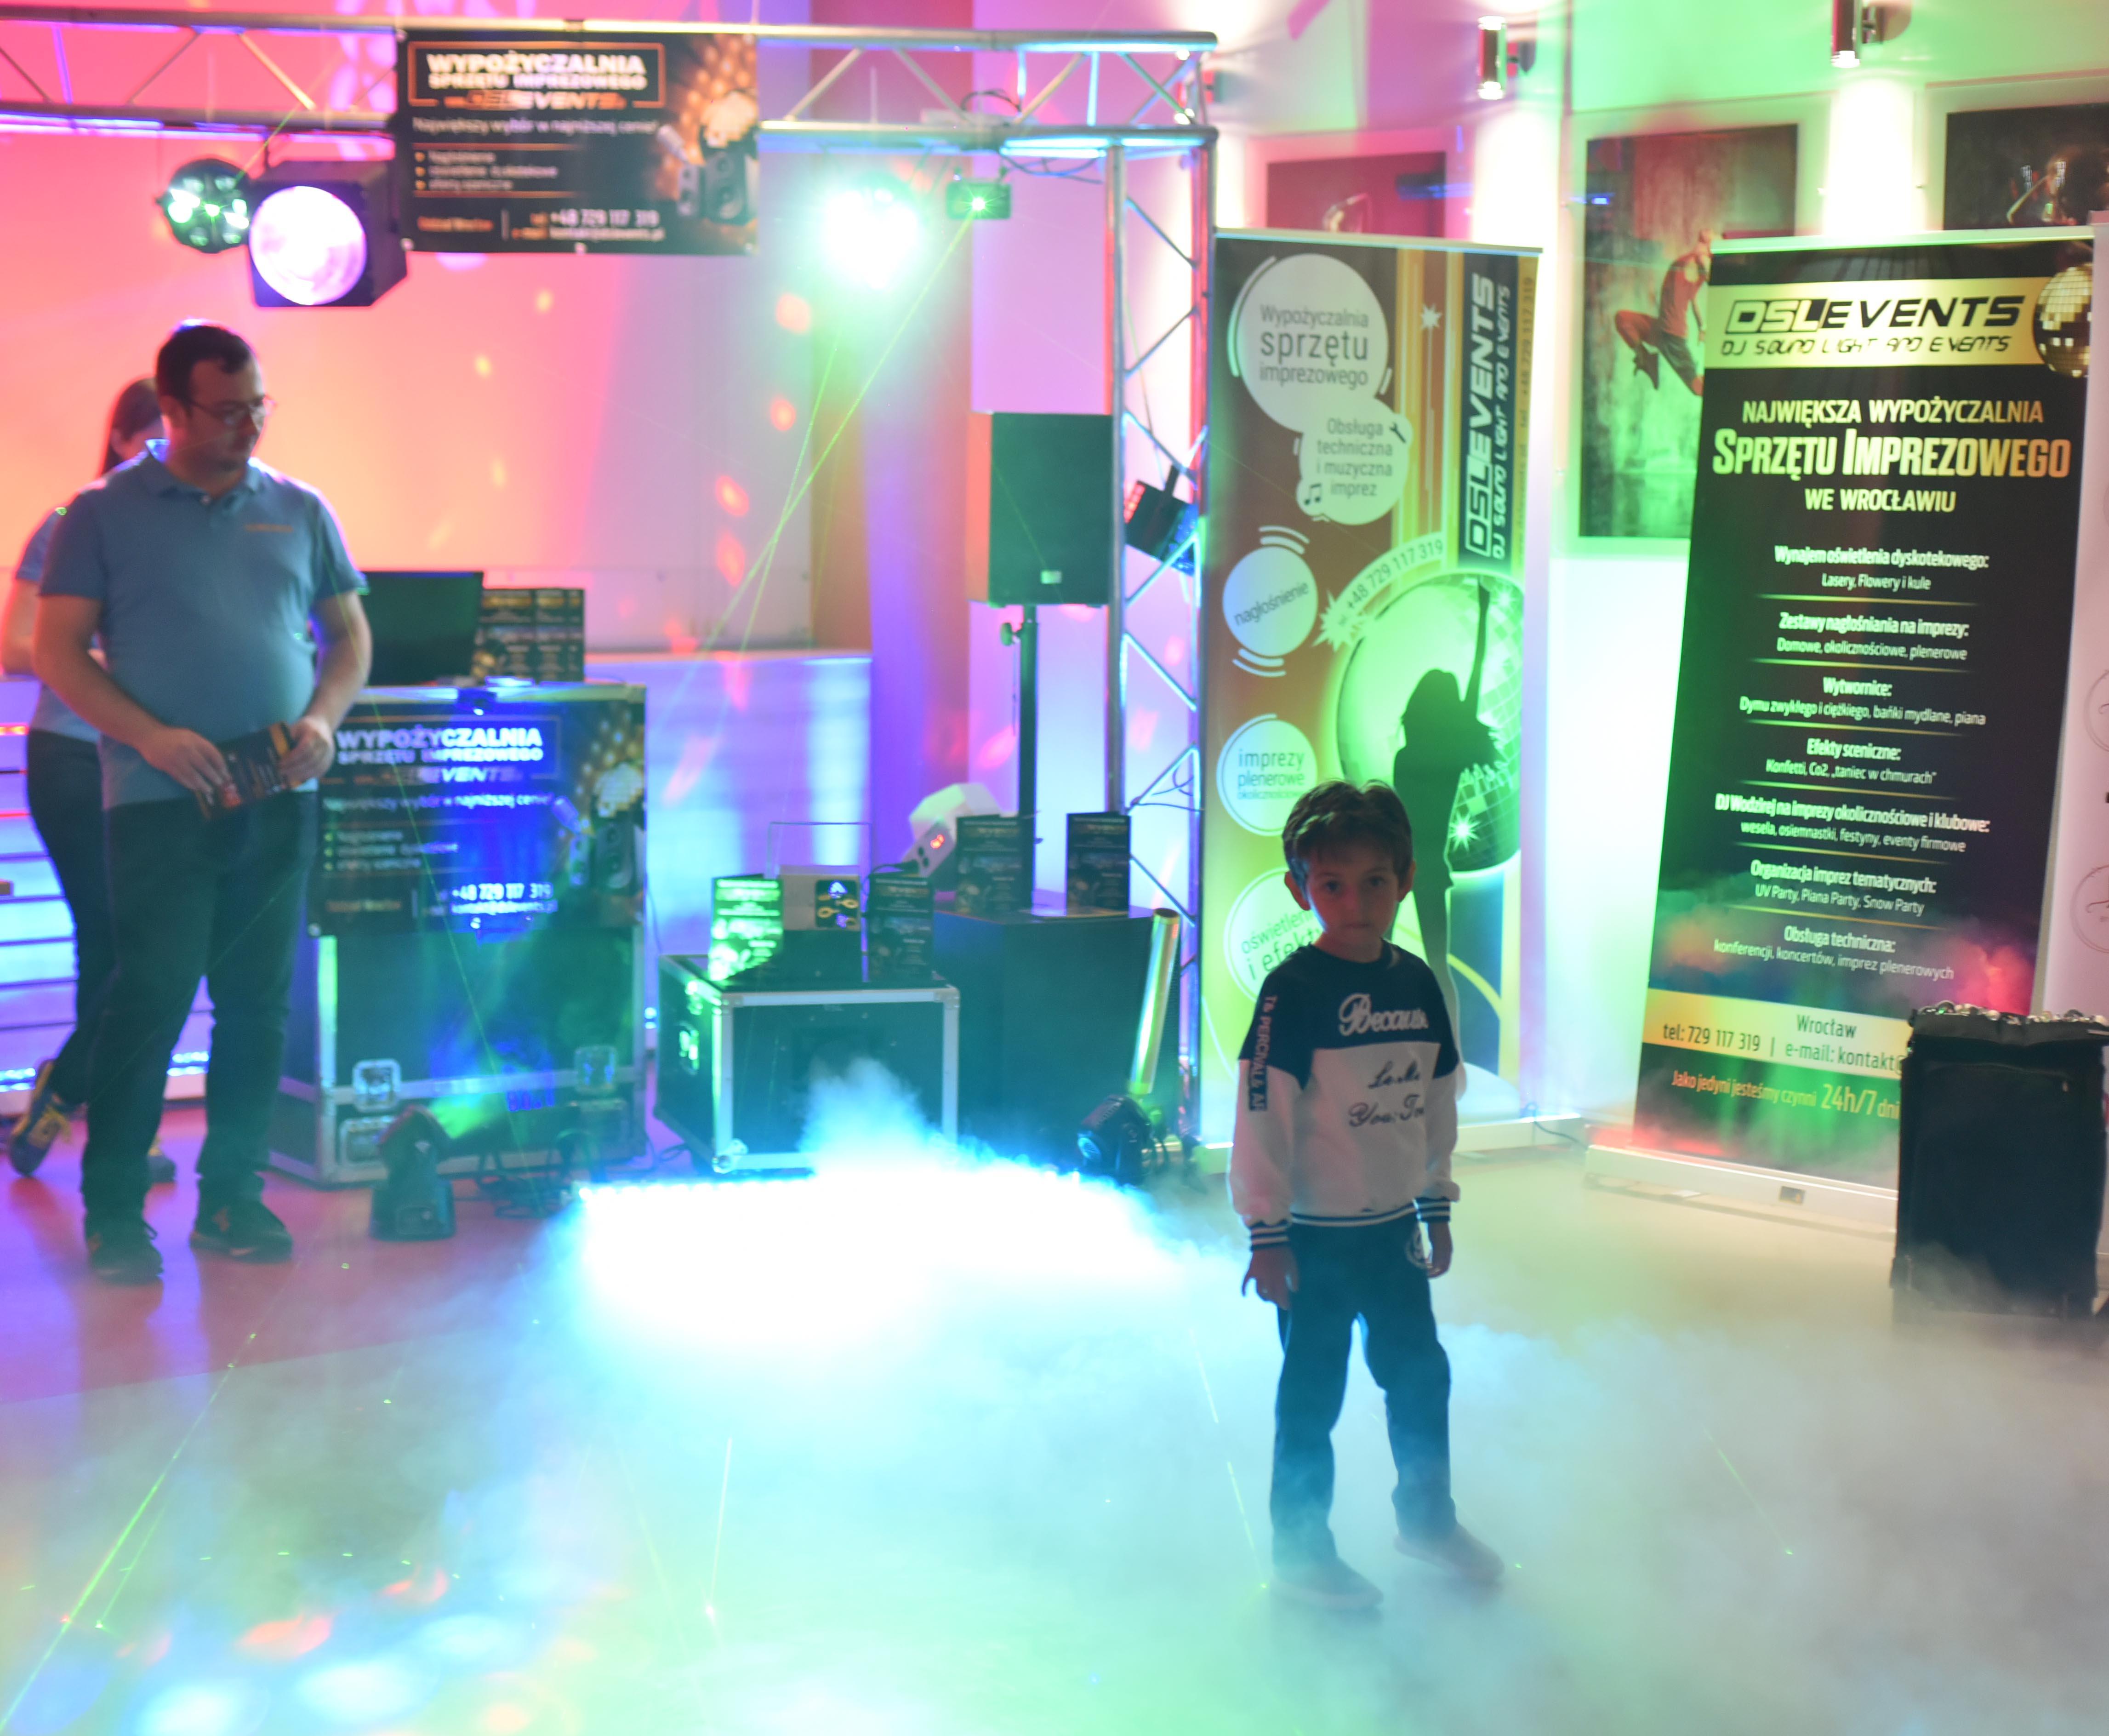 Weselne Dni Otwarte W Sunny Club Music I Oberży Piastowskiej Lubinpex